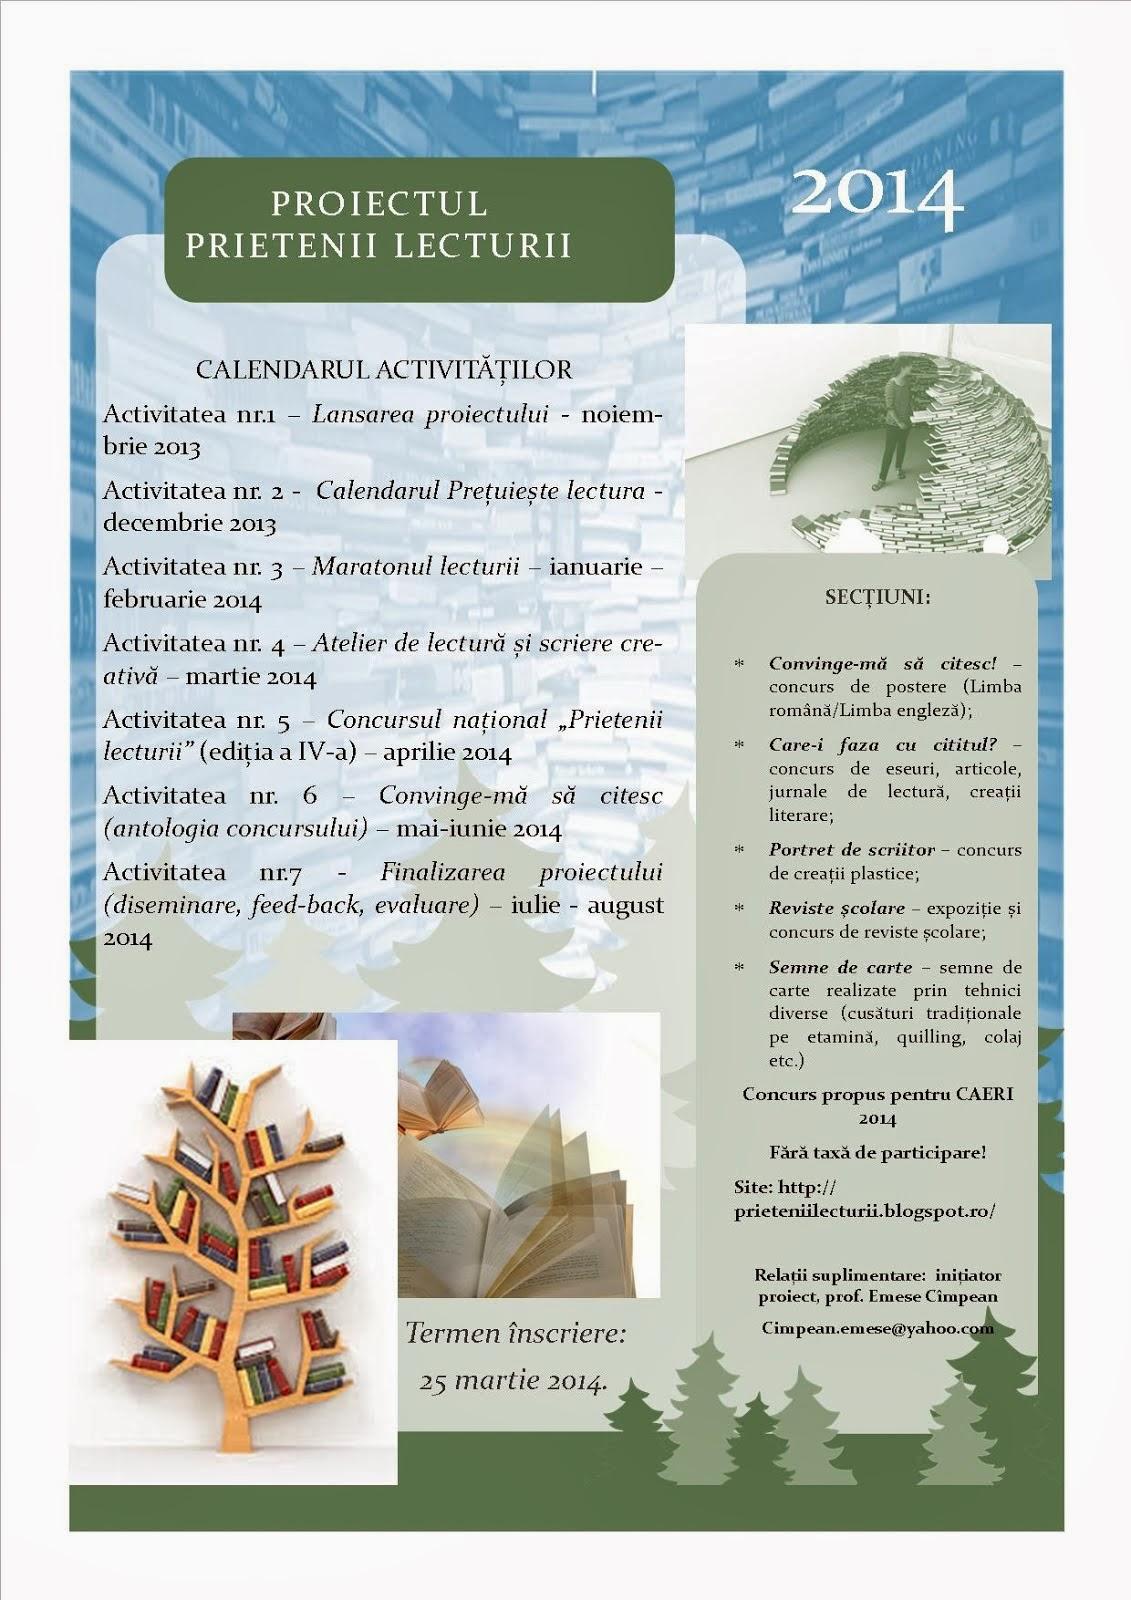 Calendarul proiectului - ediția a II-a, 2014